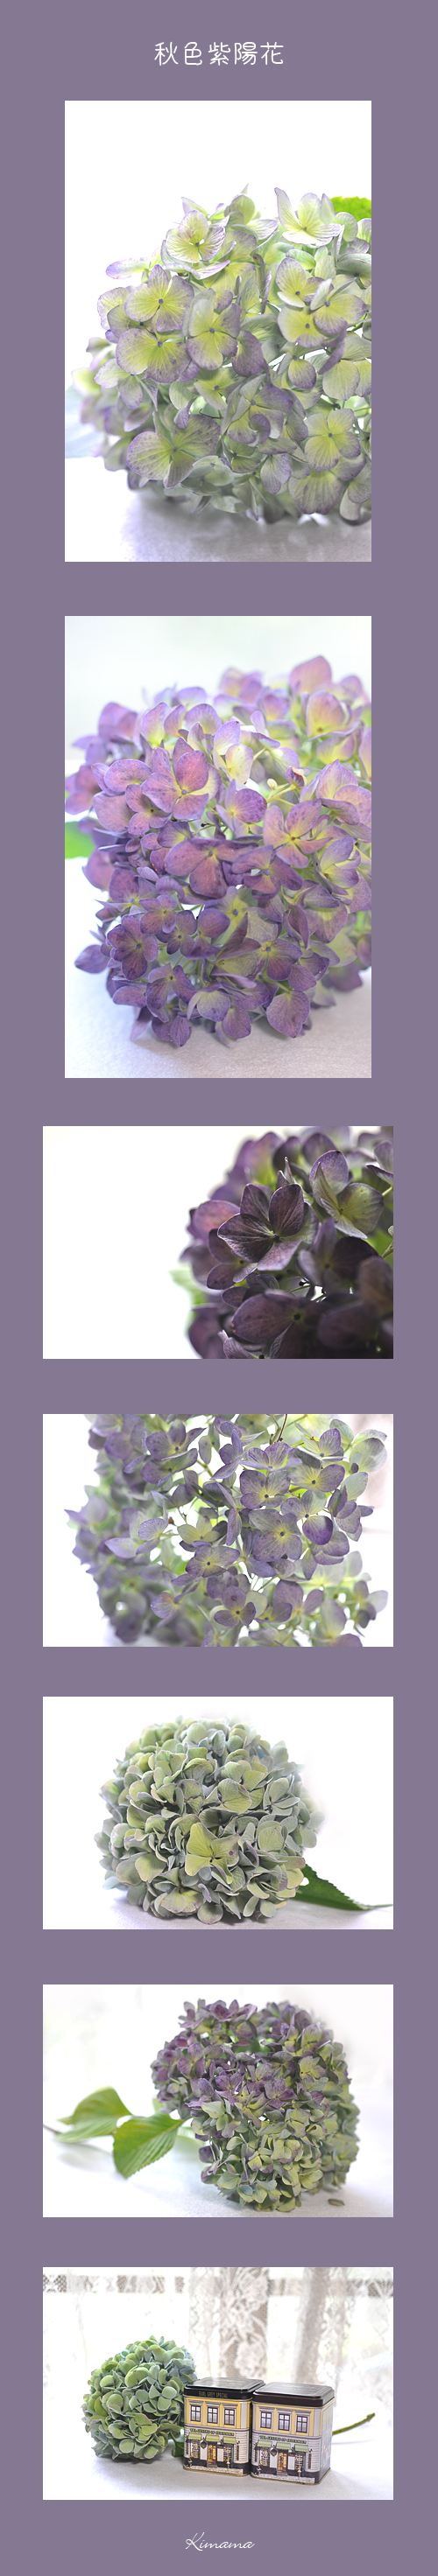 9月22日秋色紫陽花